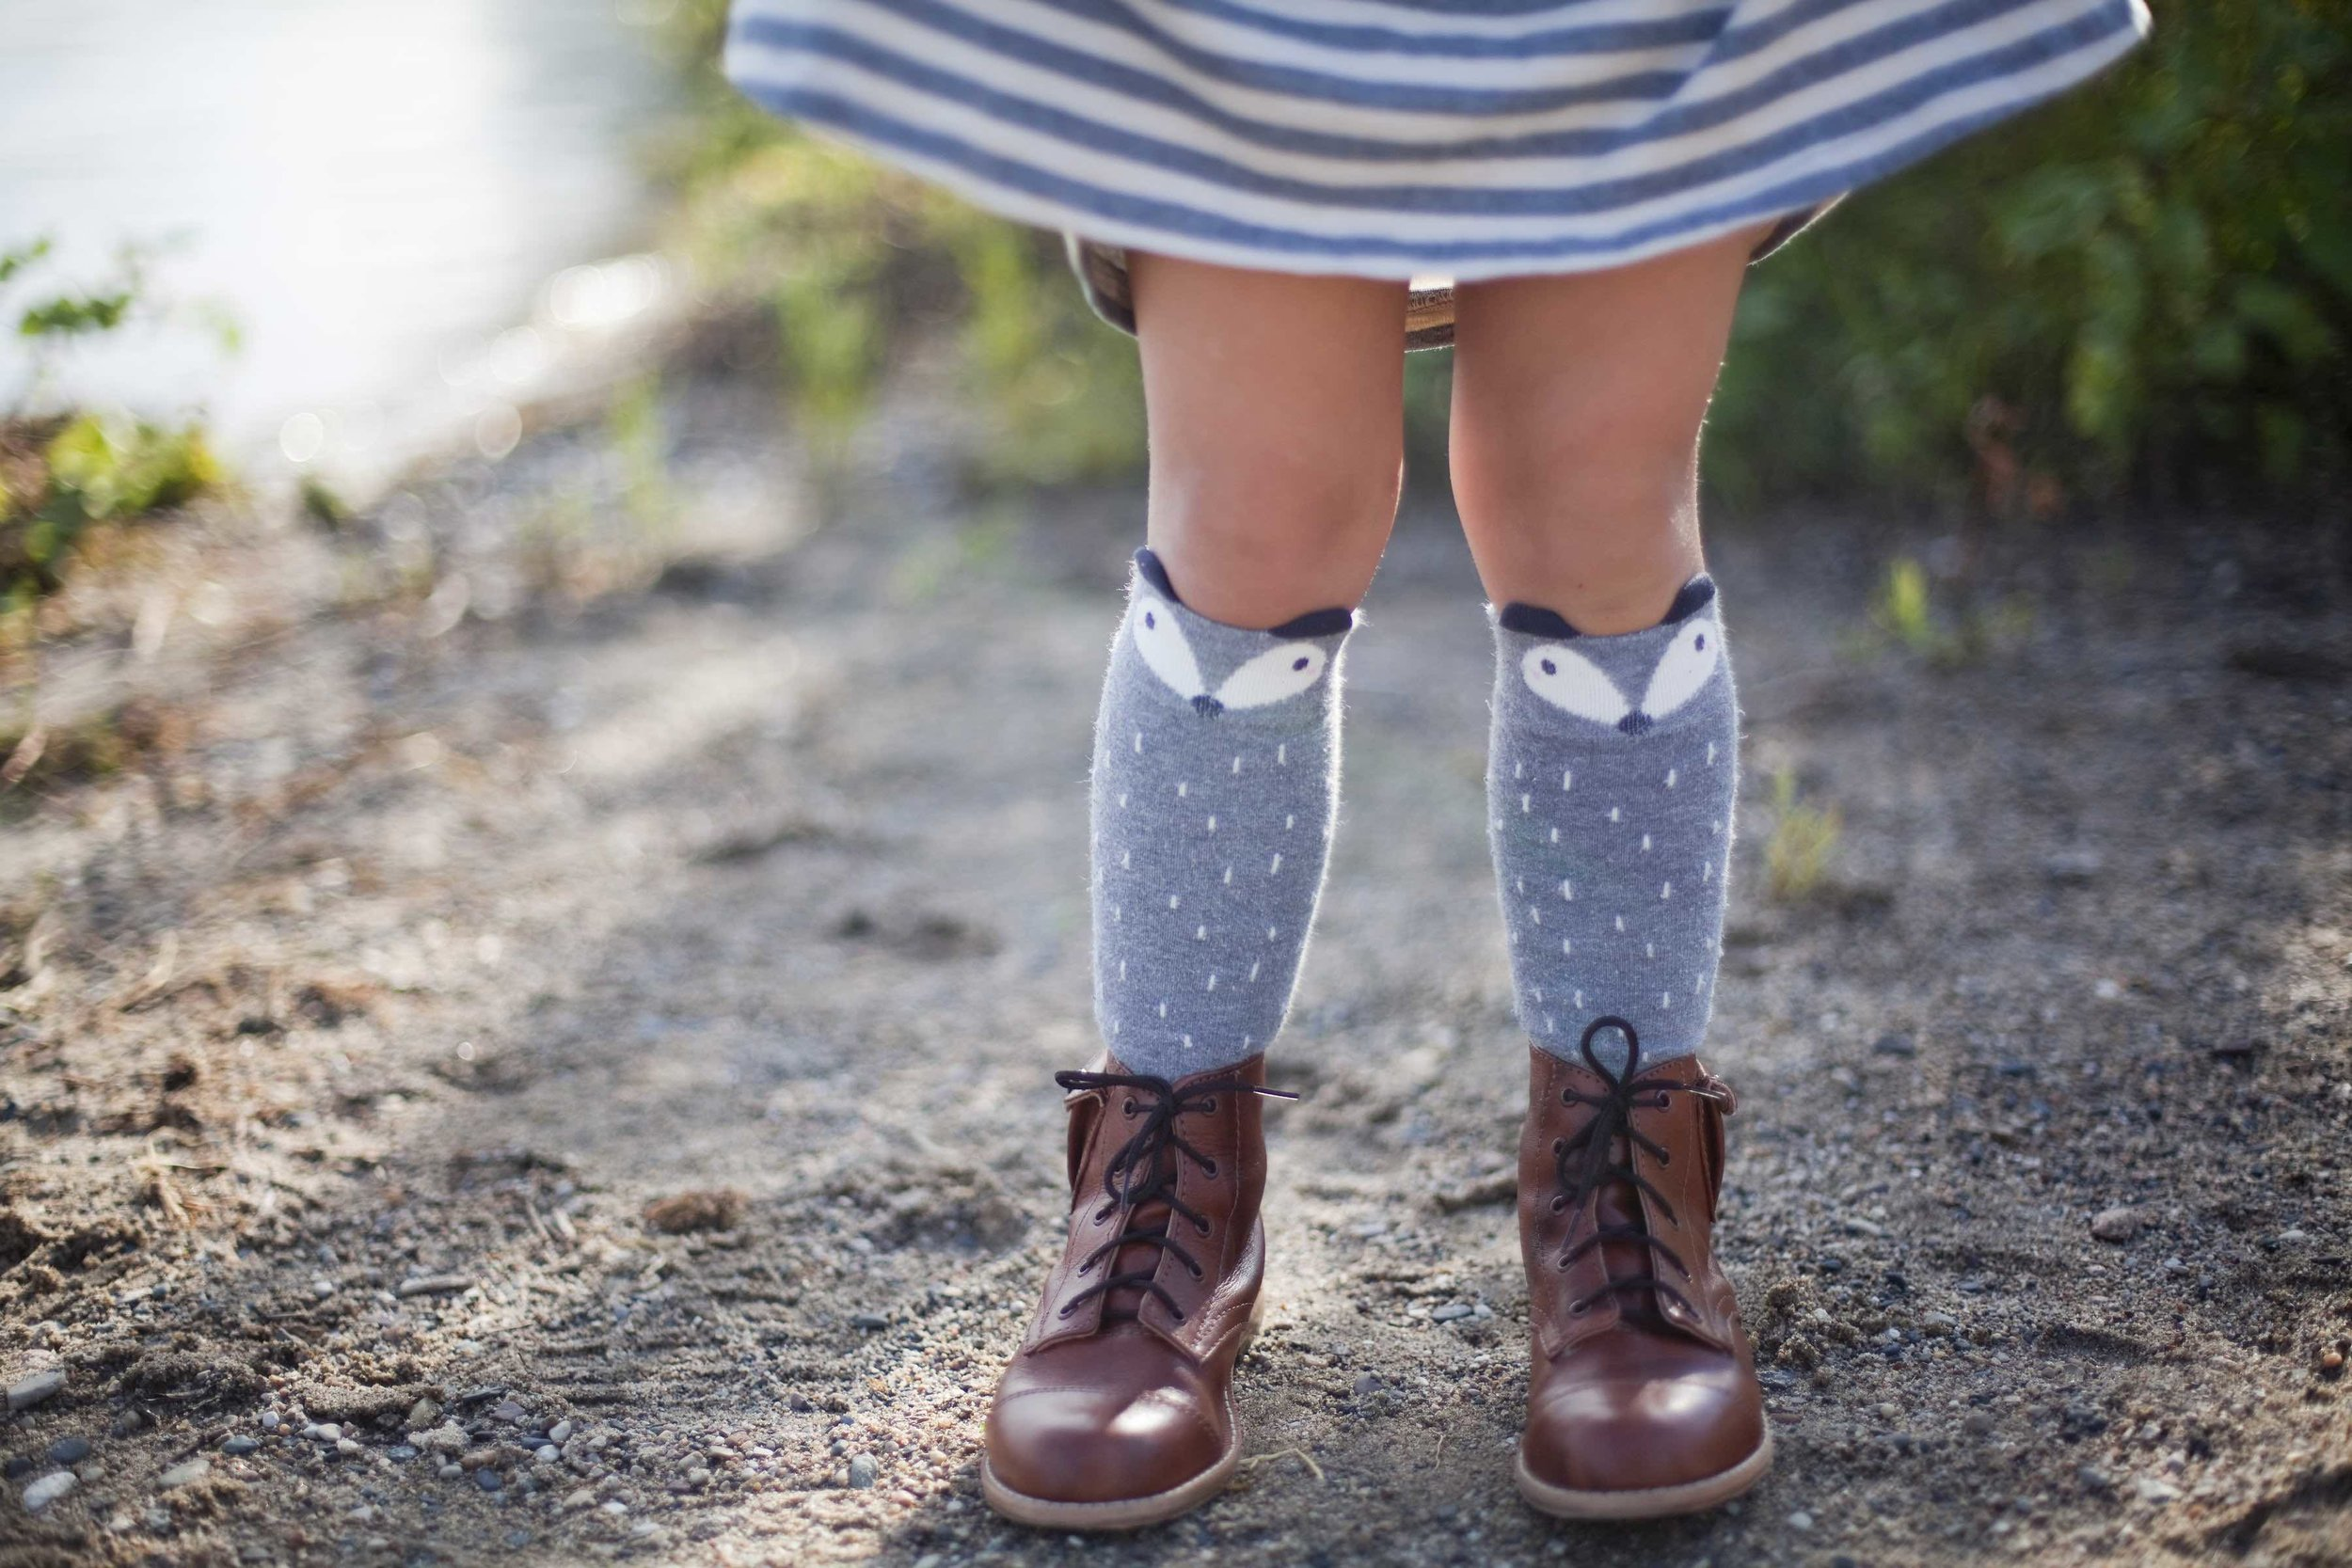 artisanal made mikoleon boots